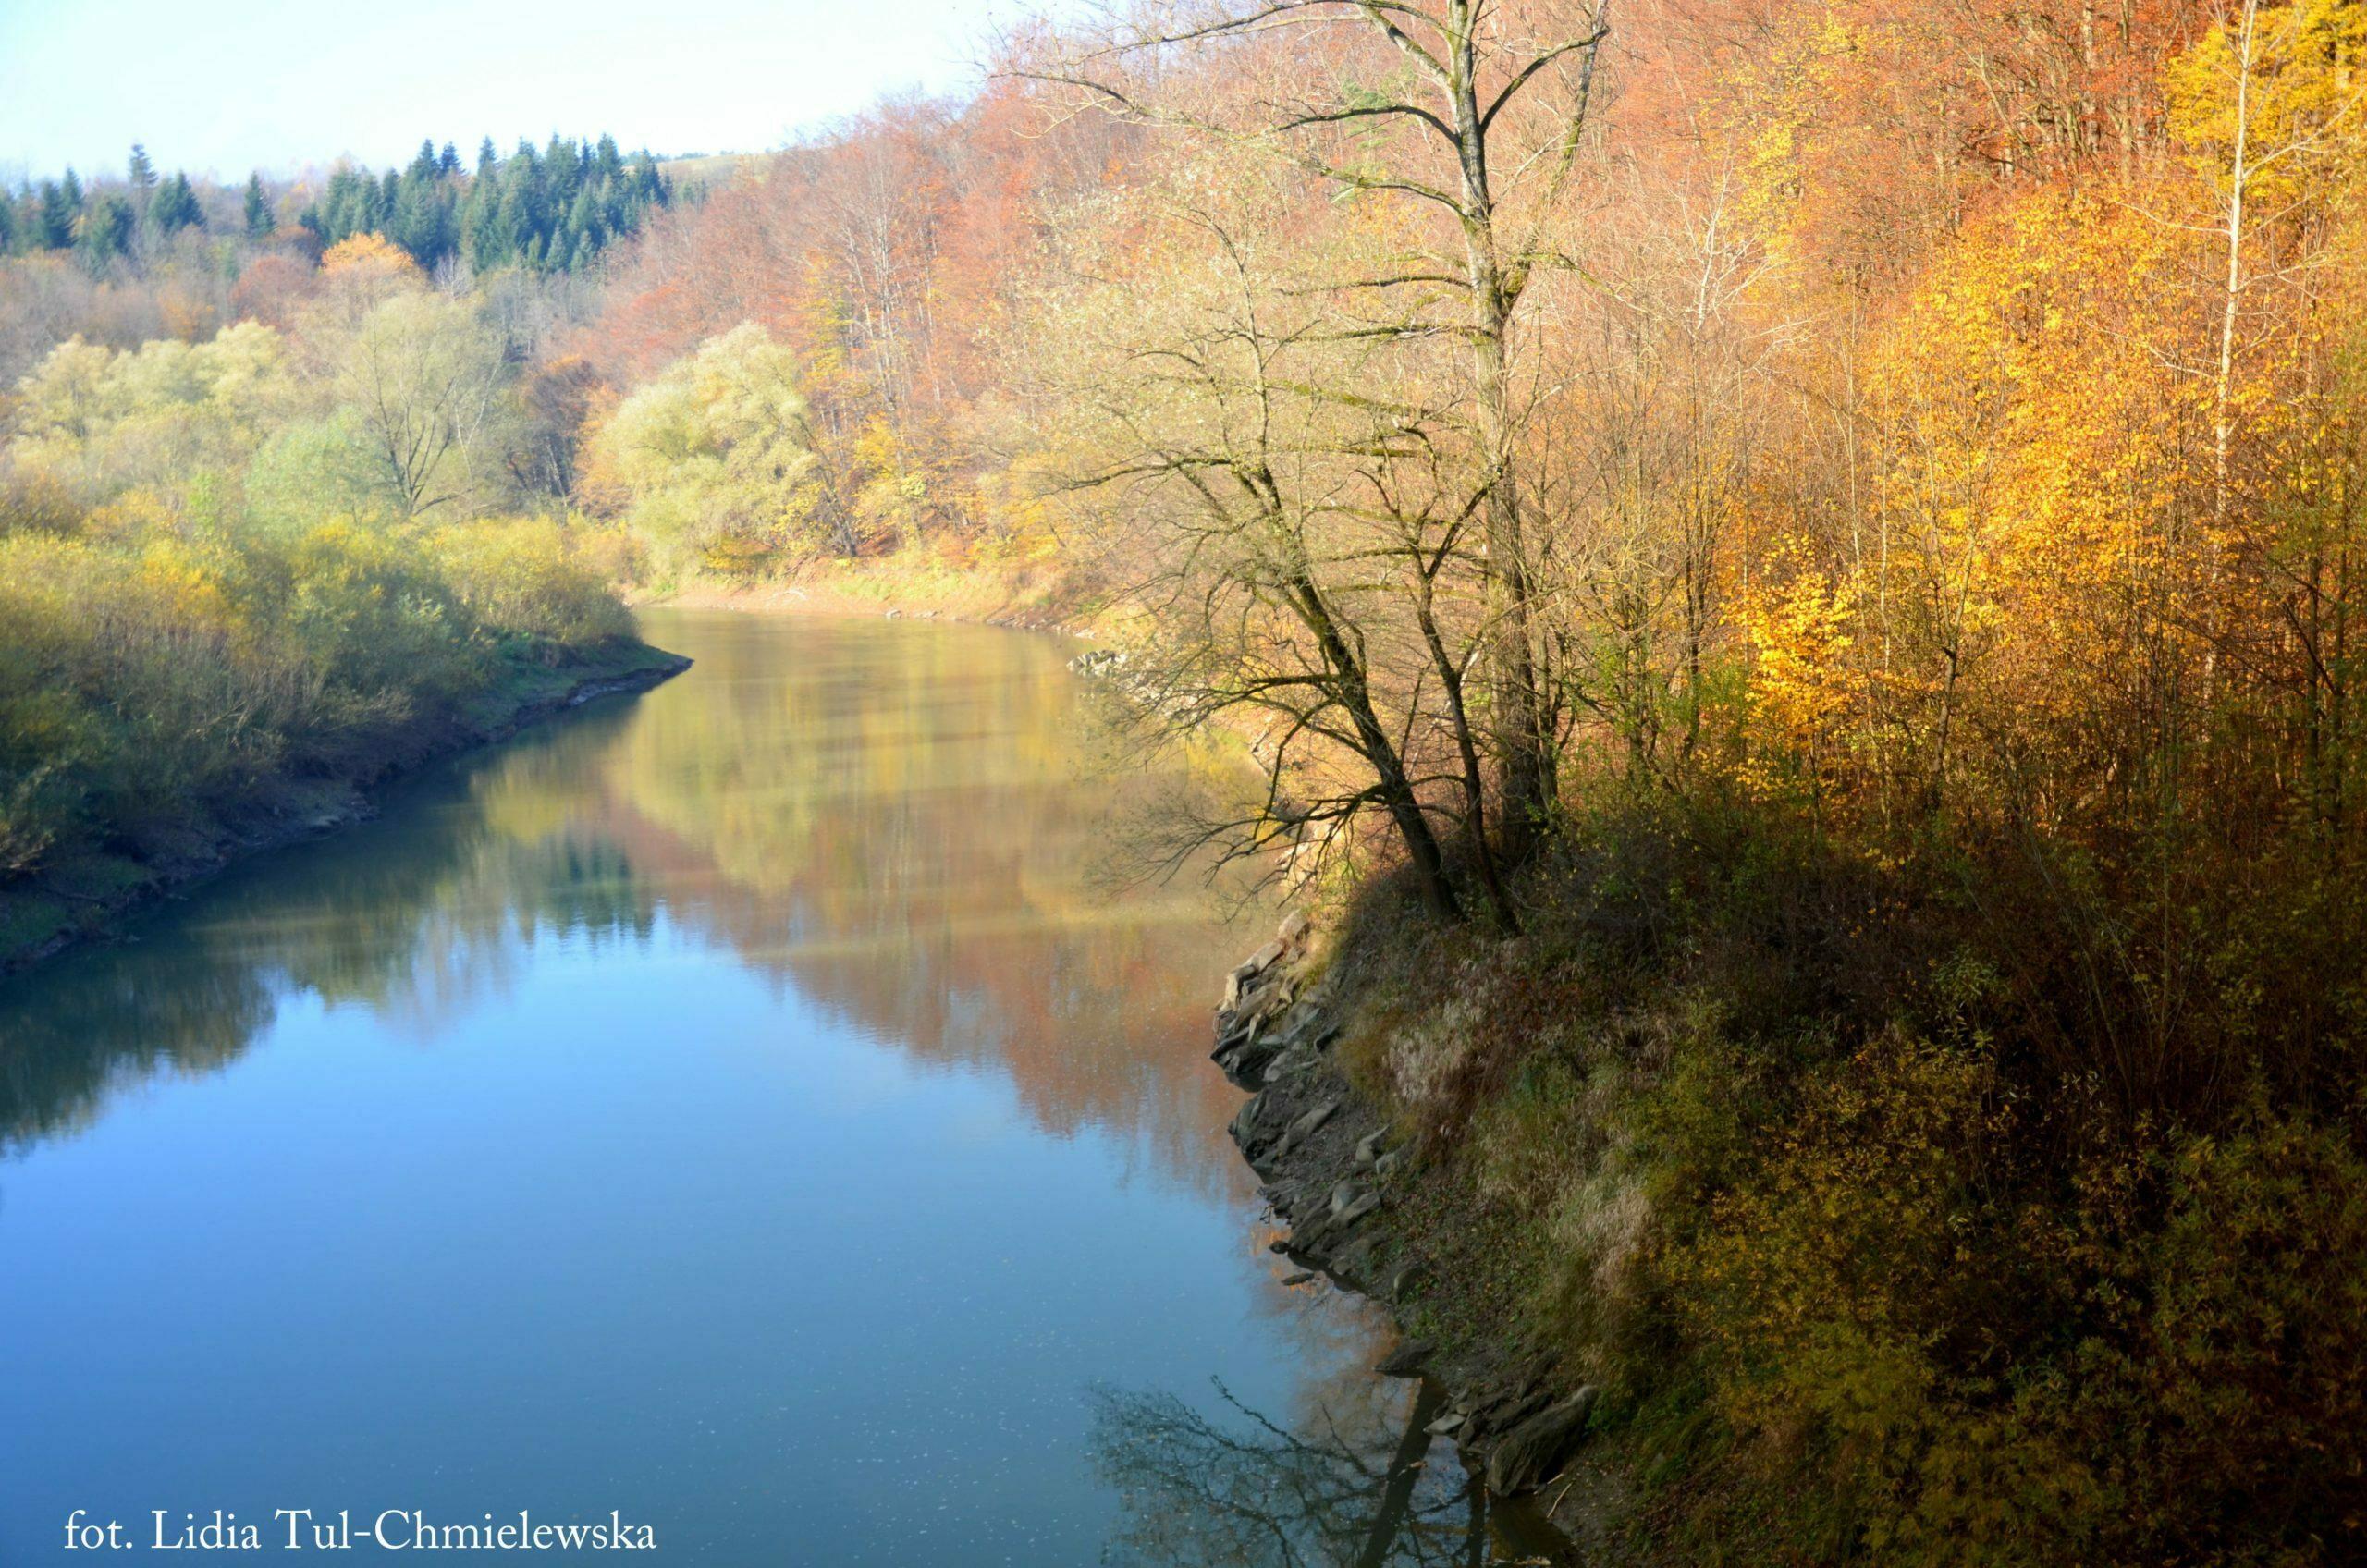 Barwy jesiennych Bieszczadów fot. Lidia Tul-Chmielewska